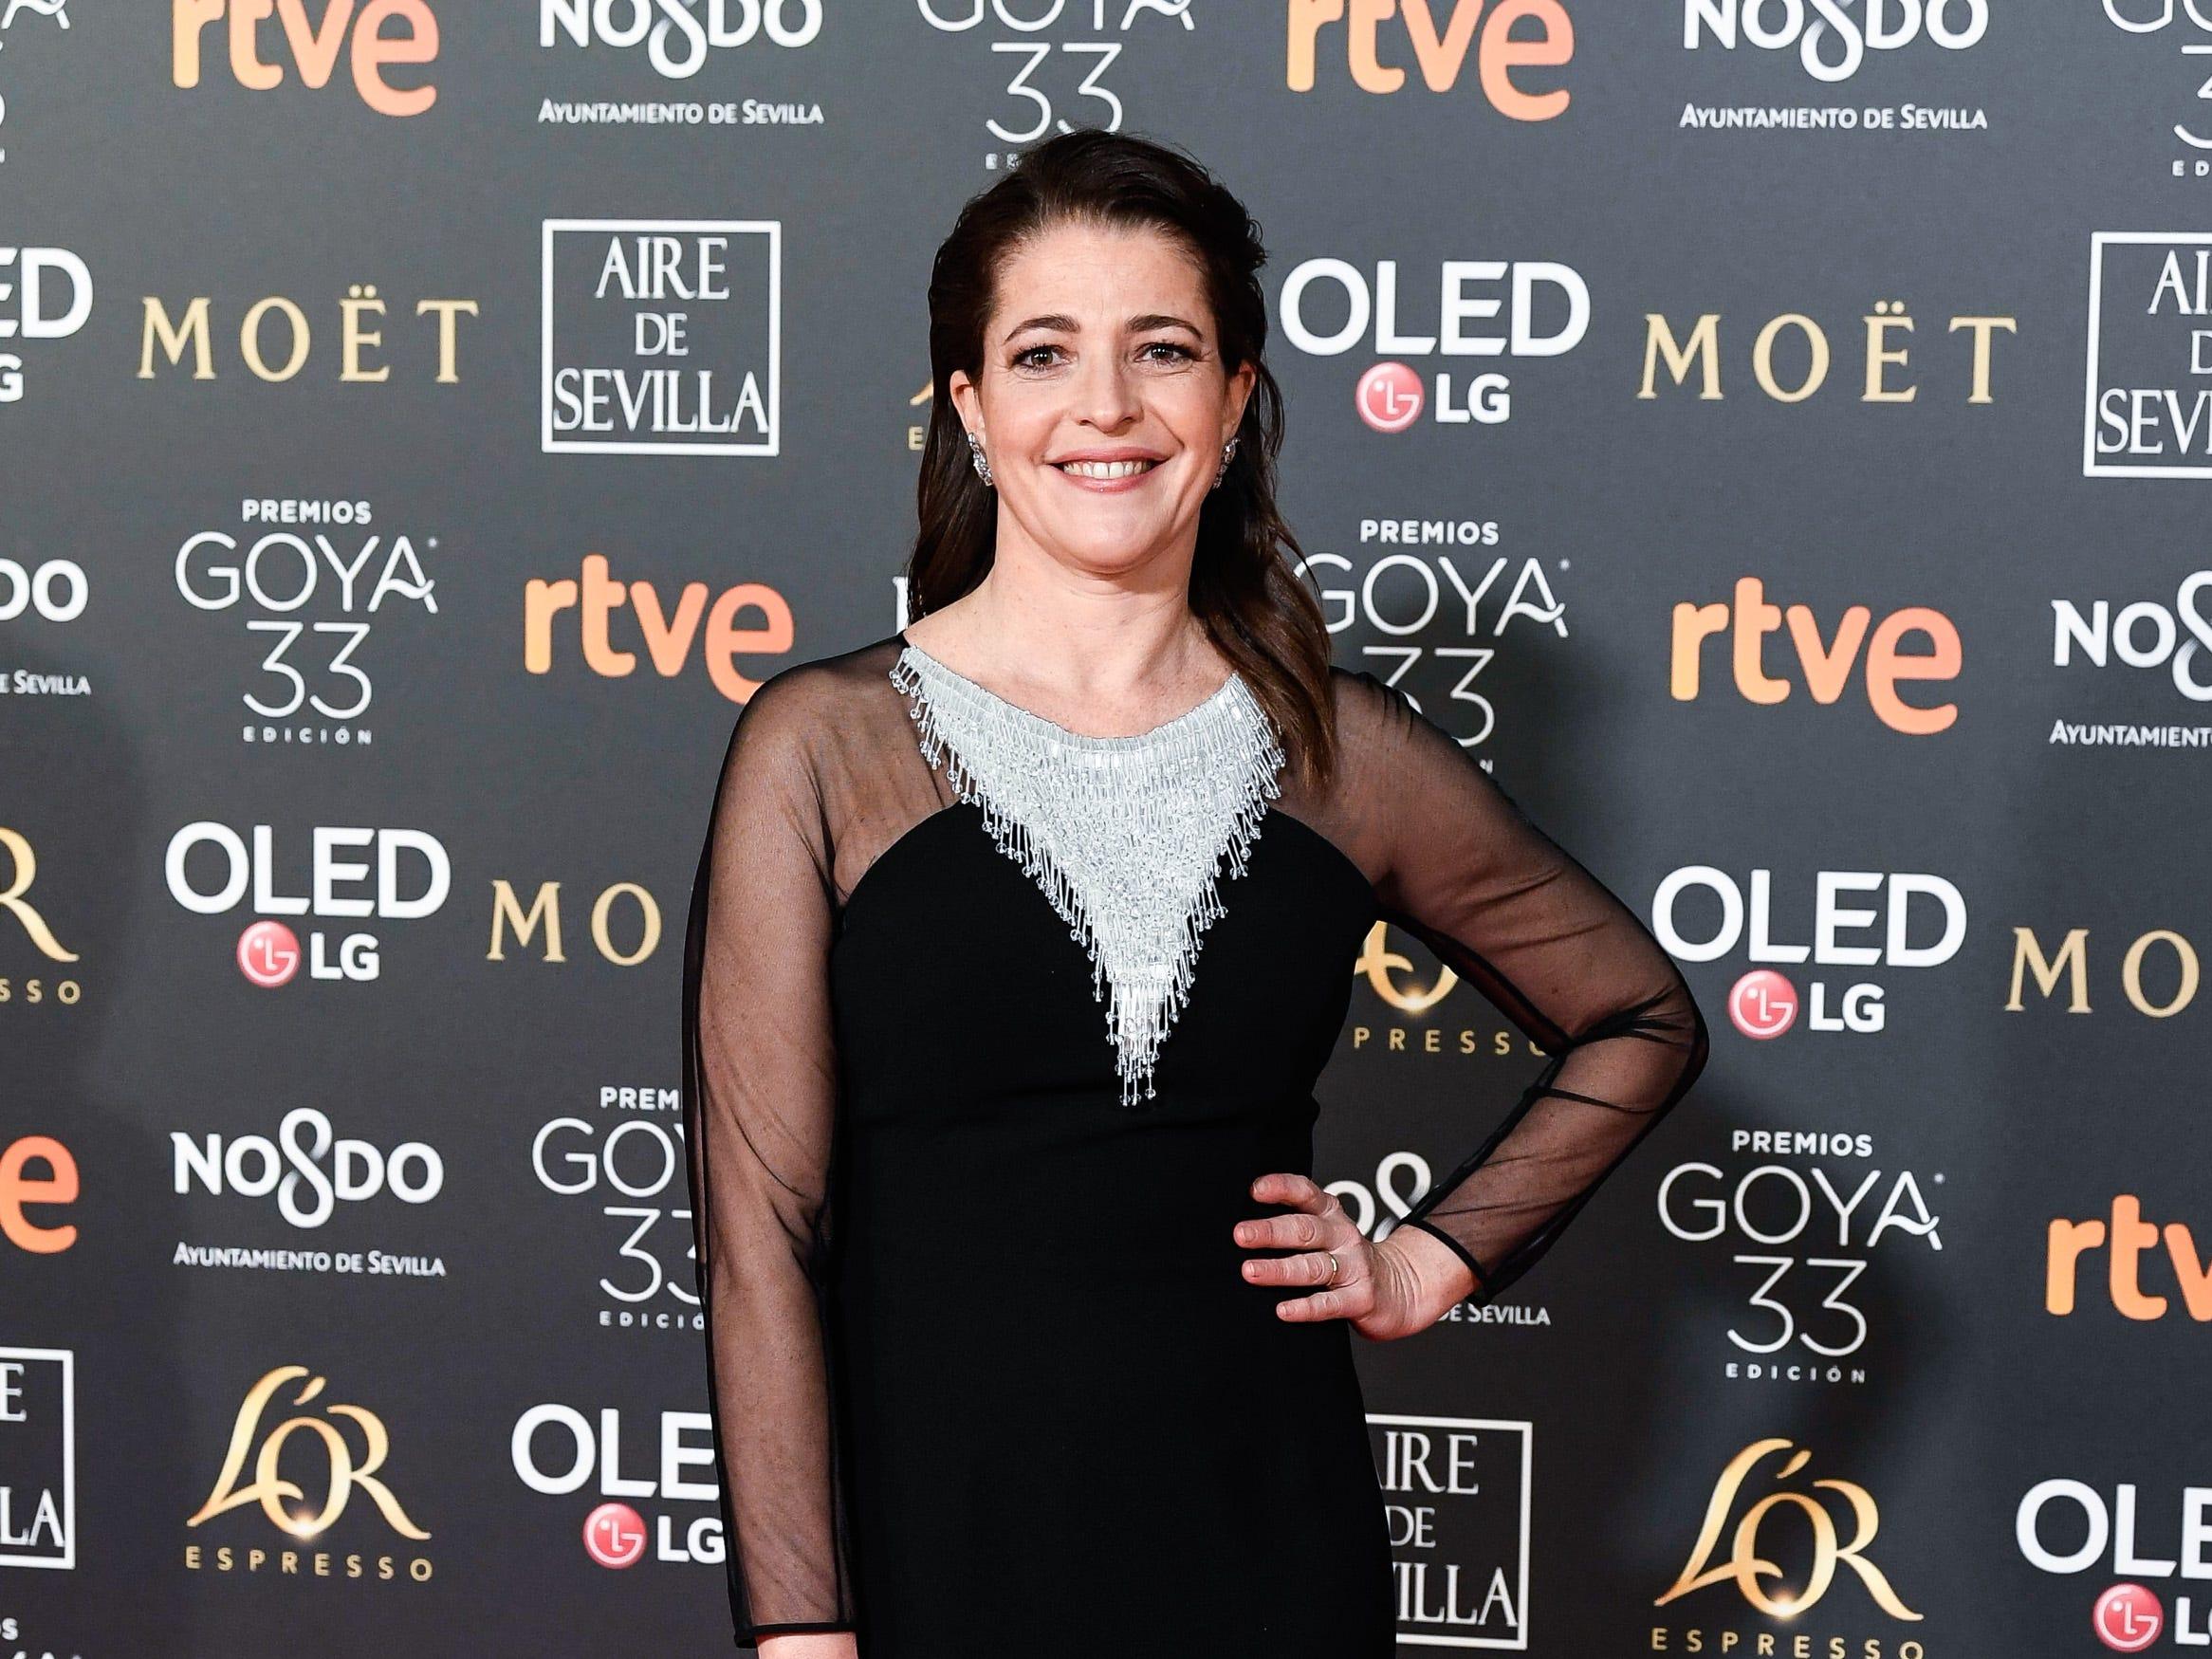 Nora Navas asiste a la 33ª edición de los Premios de Cine Goya en el Palacio de Congresos y Exposiciones FIBES el 2 de febrero de 2019 en Sevilla, España.